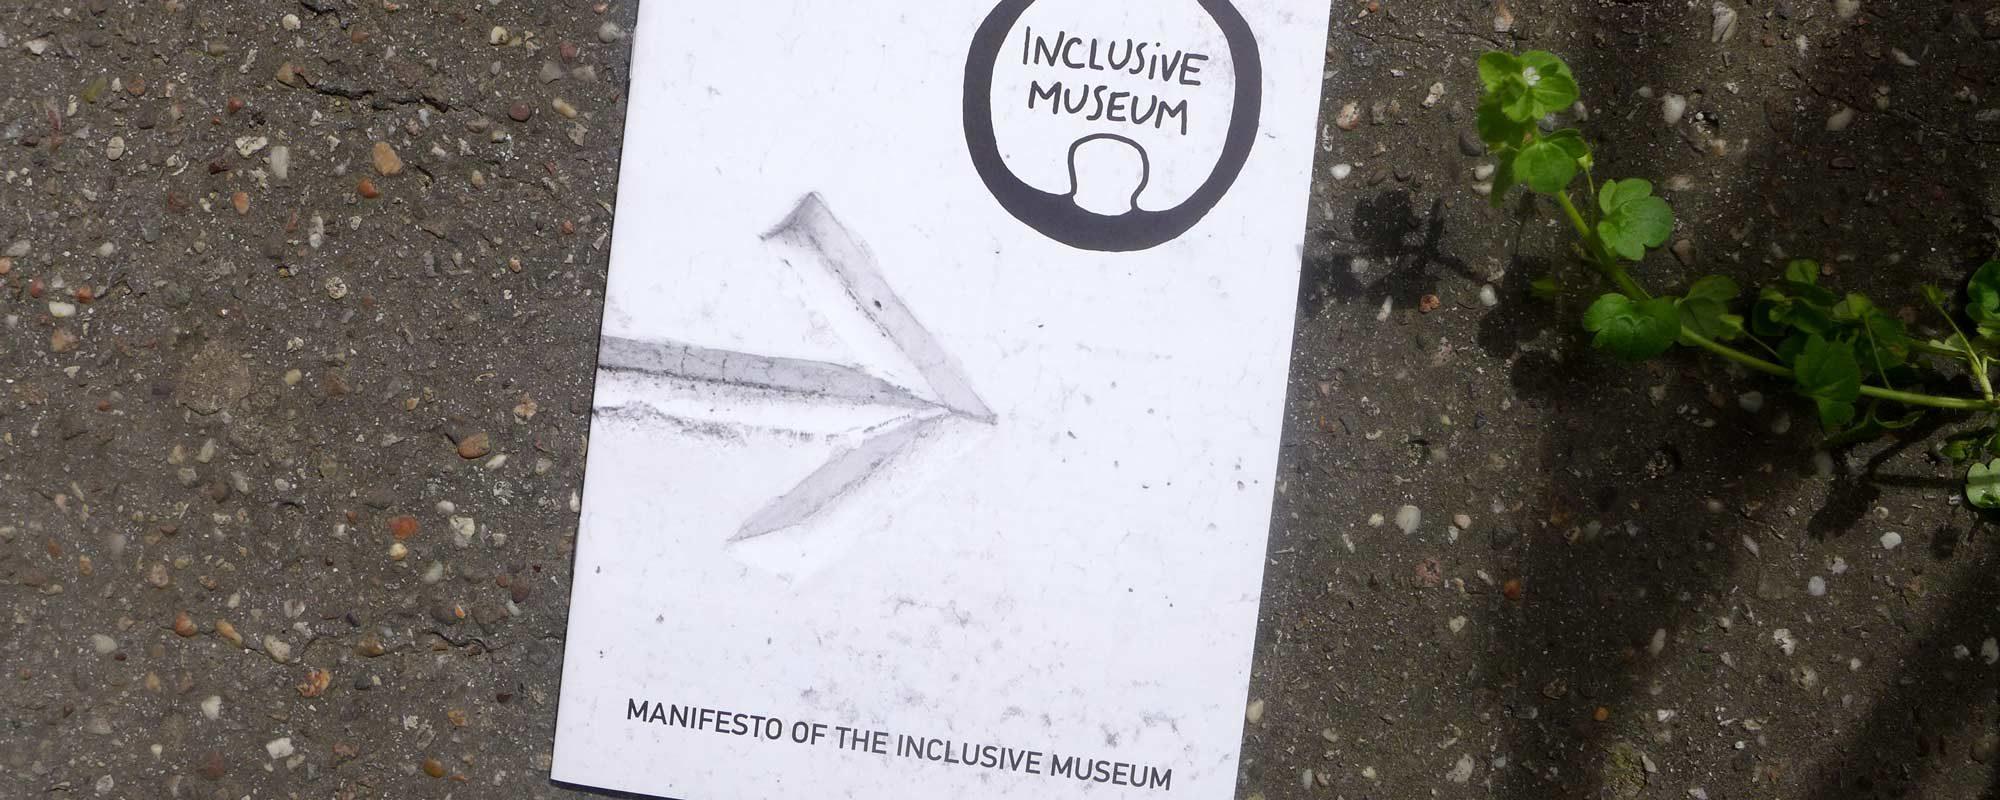 Inclusive Museum